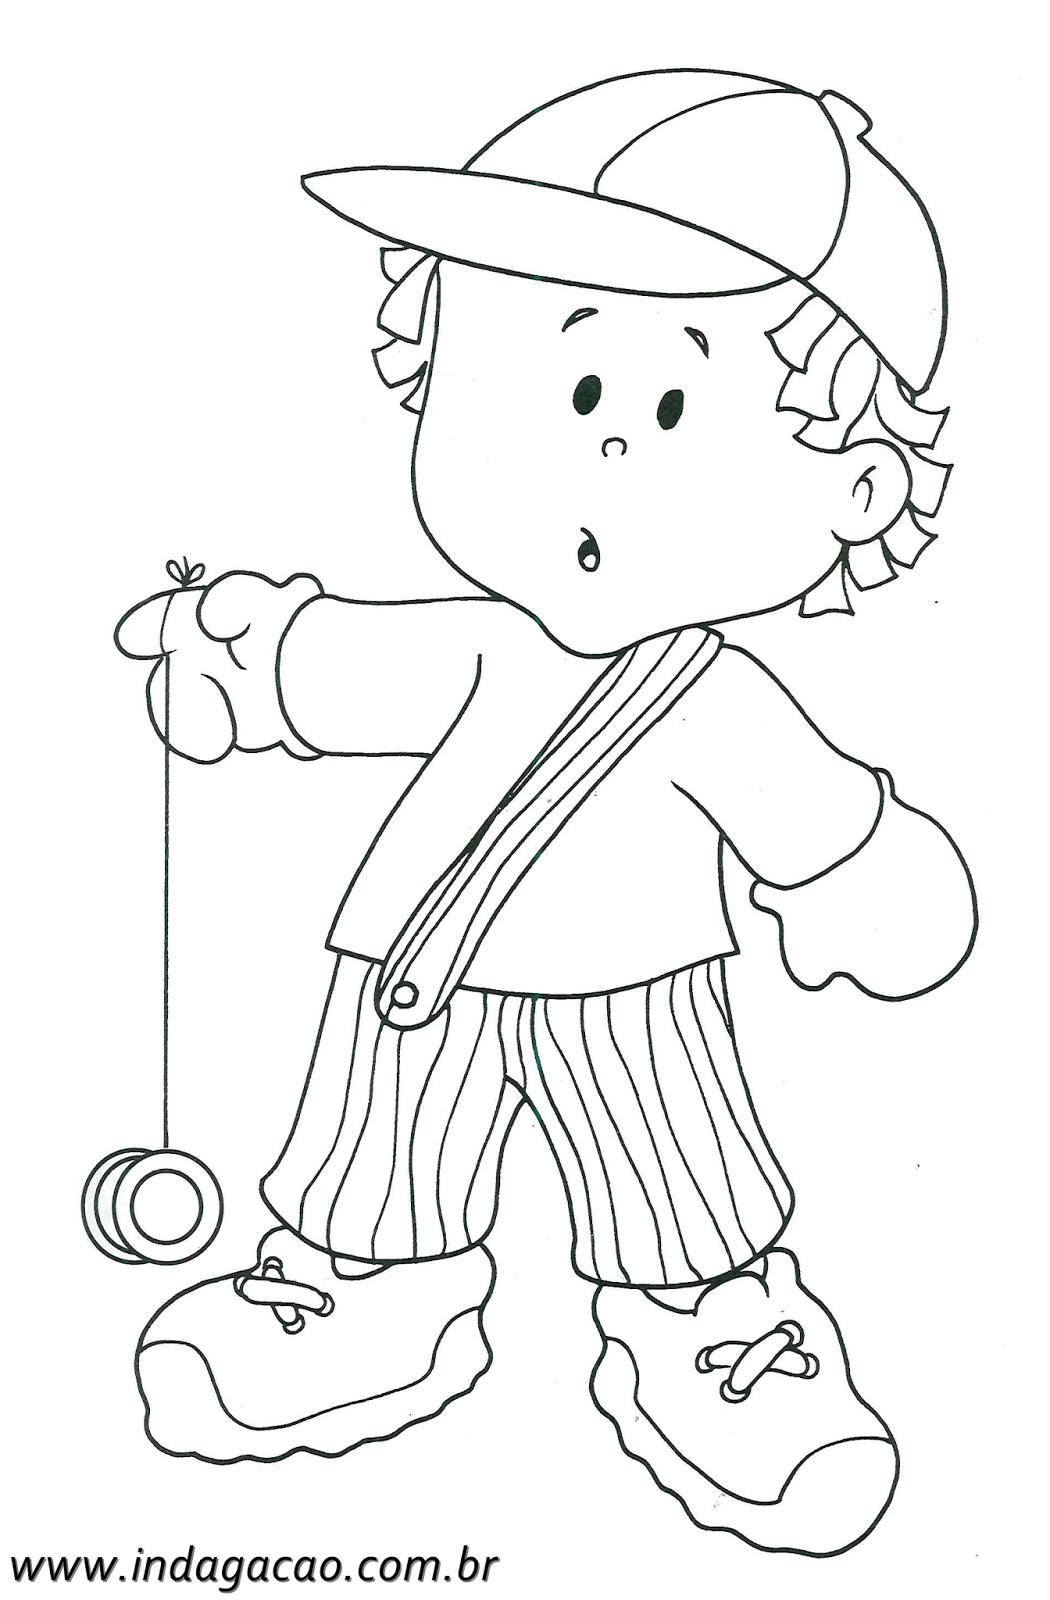 Desenho De Menino Brincando Com Ioiô Para Colorir – Baixar